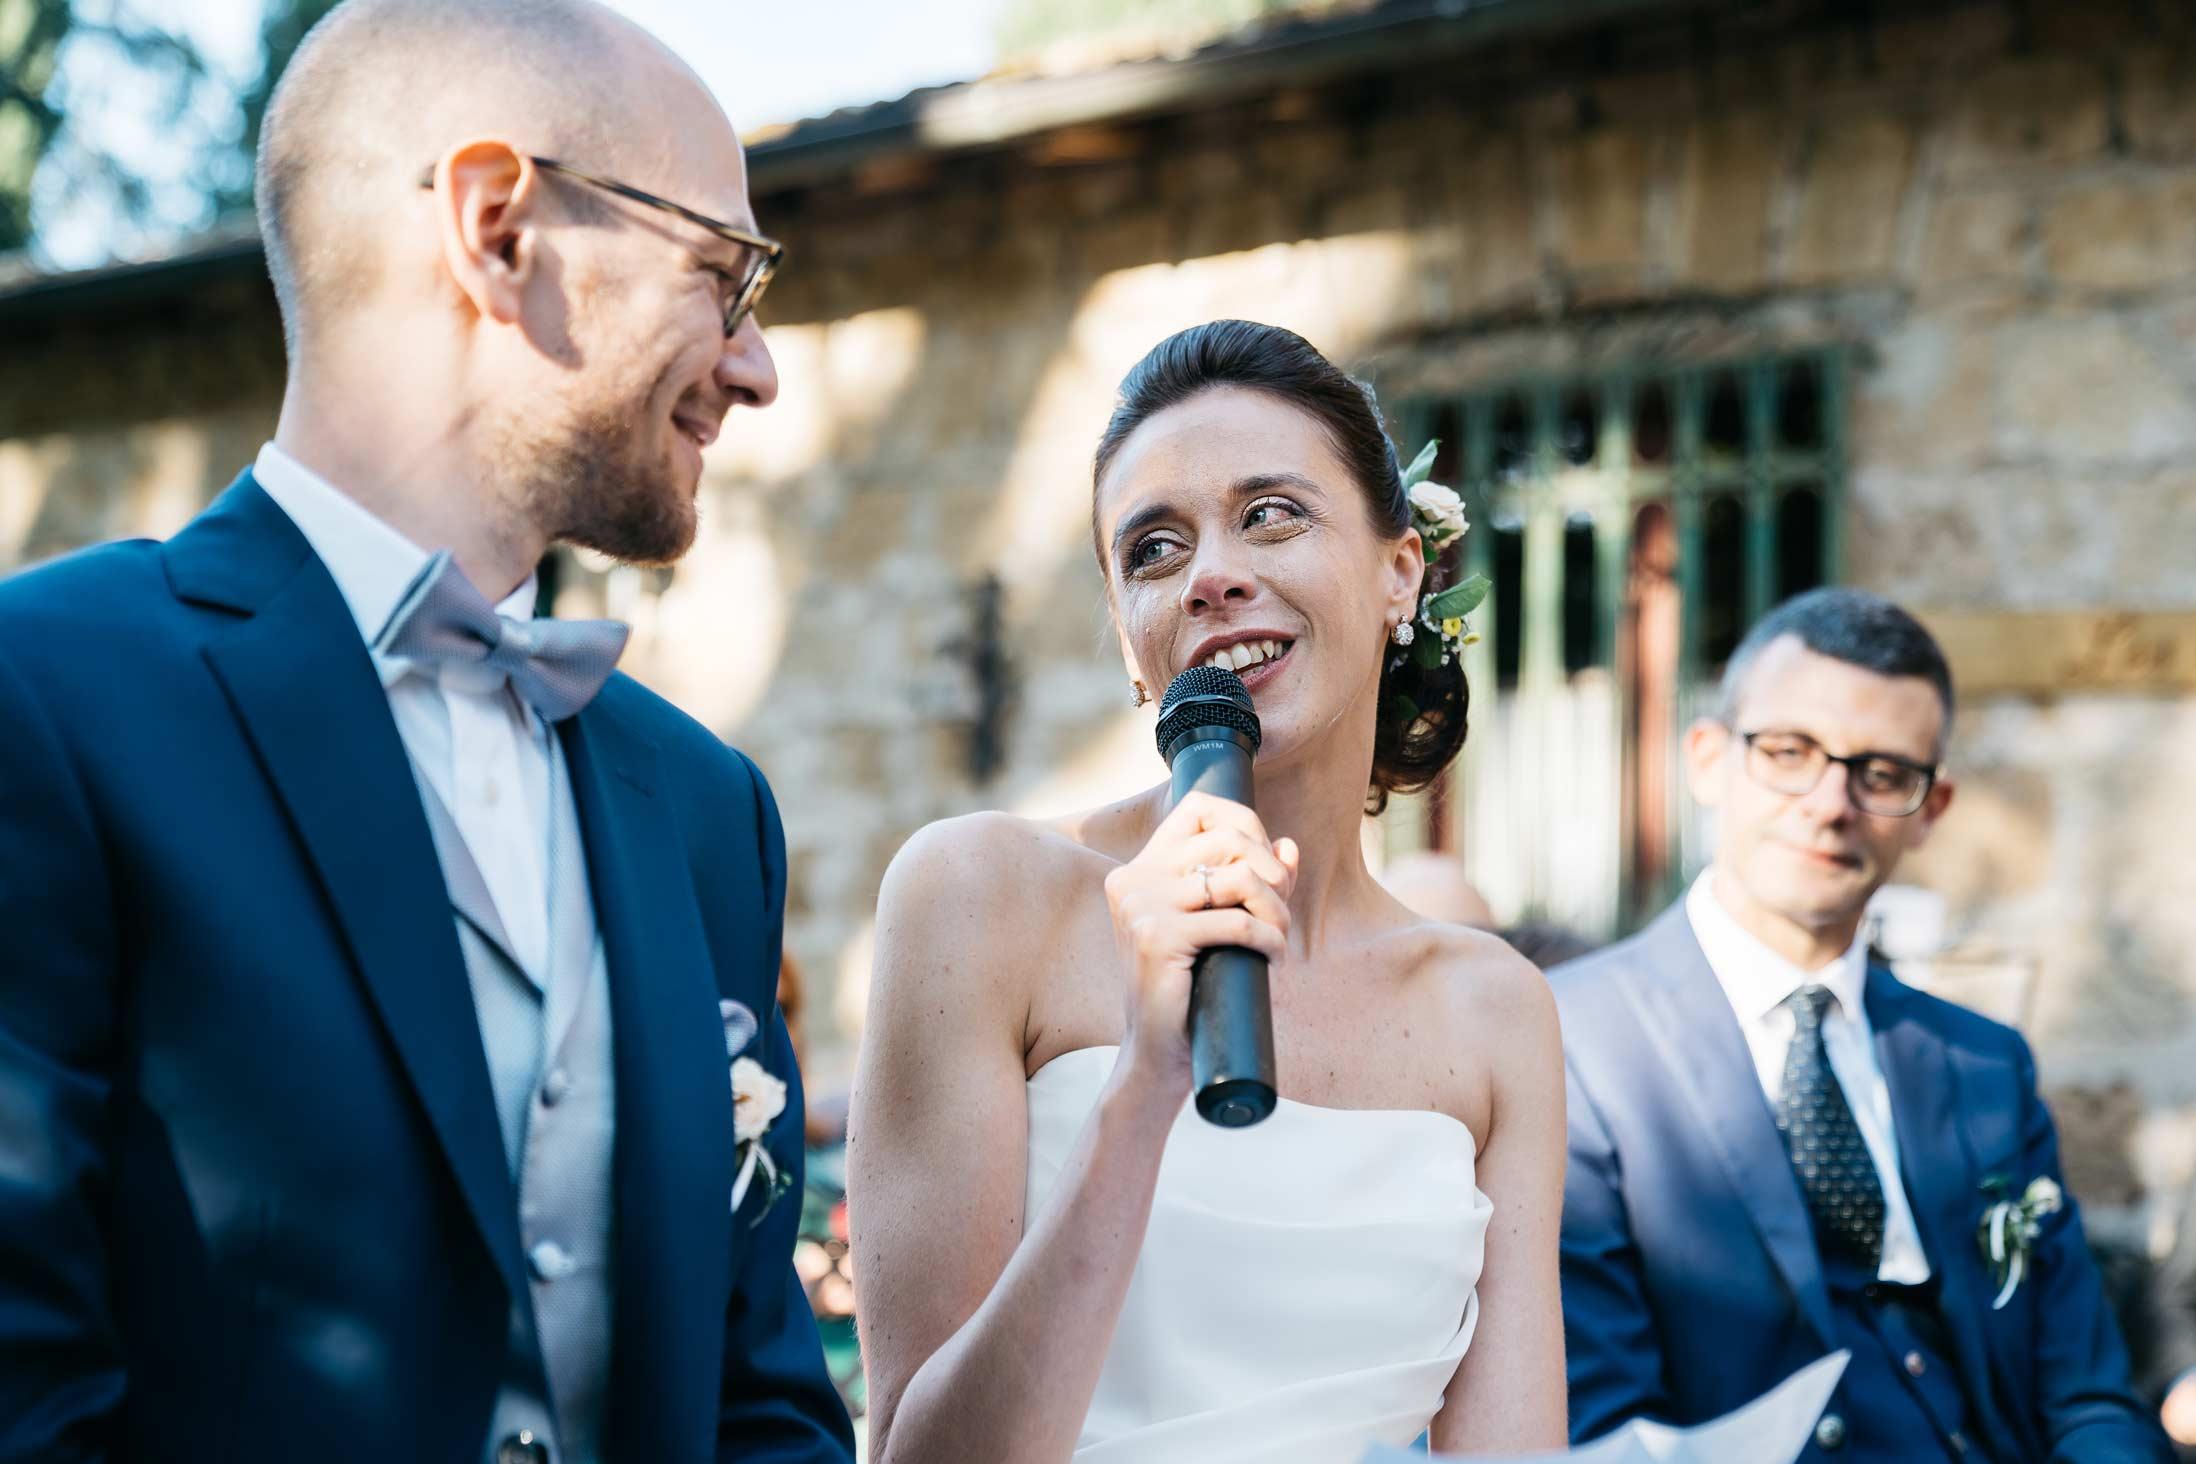 Fotoreportage-Di-Matrimonio-Roma-Fotografo-Sposi-L&F